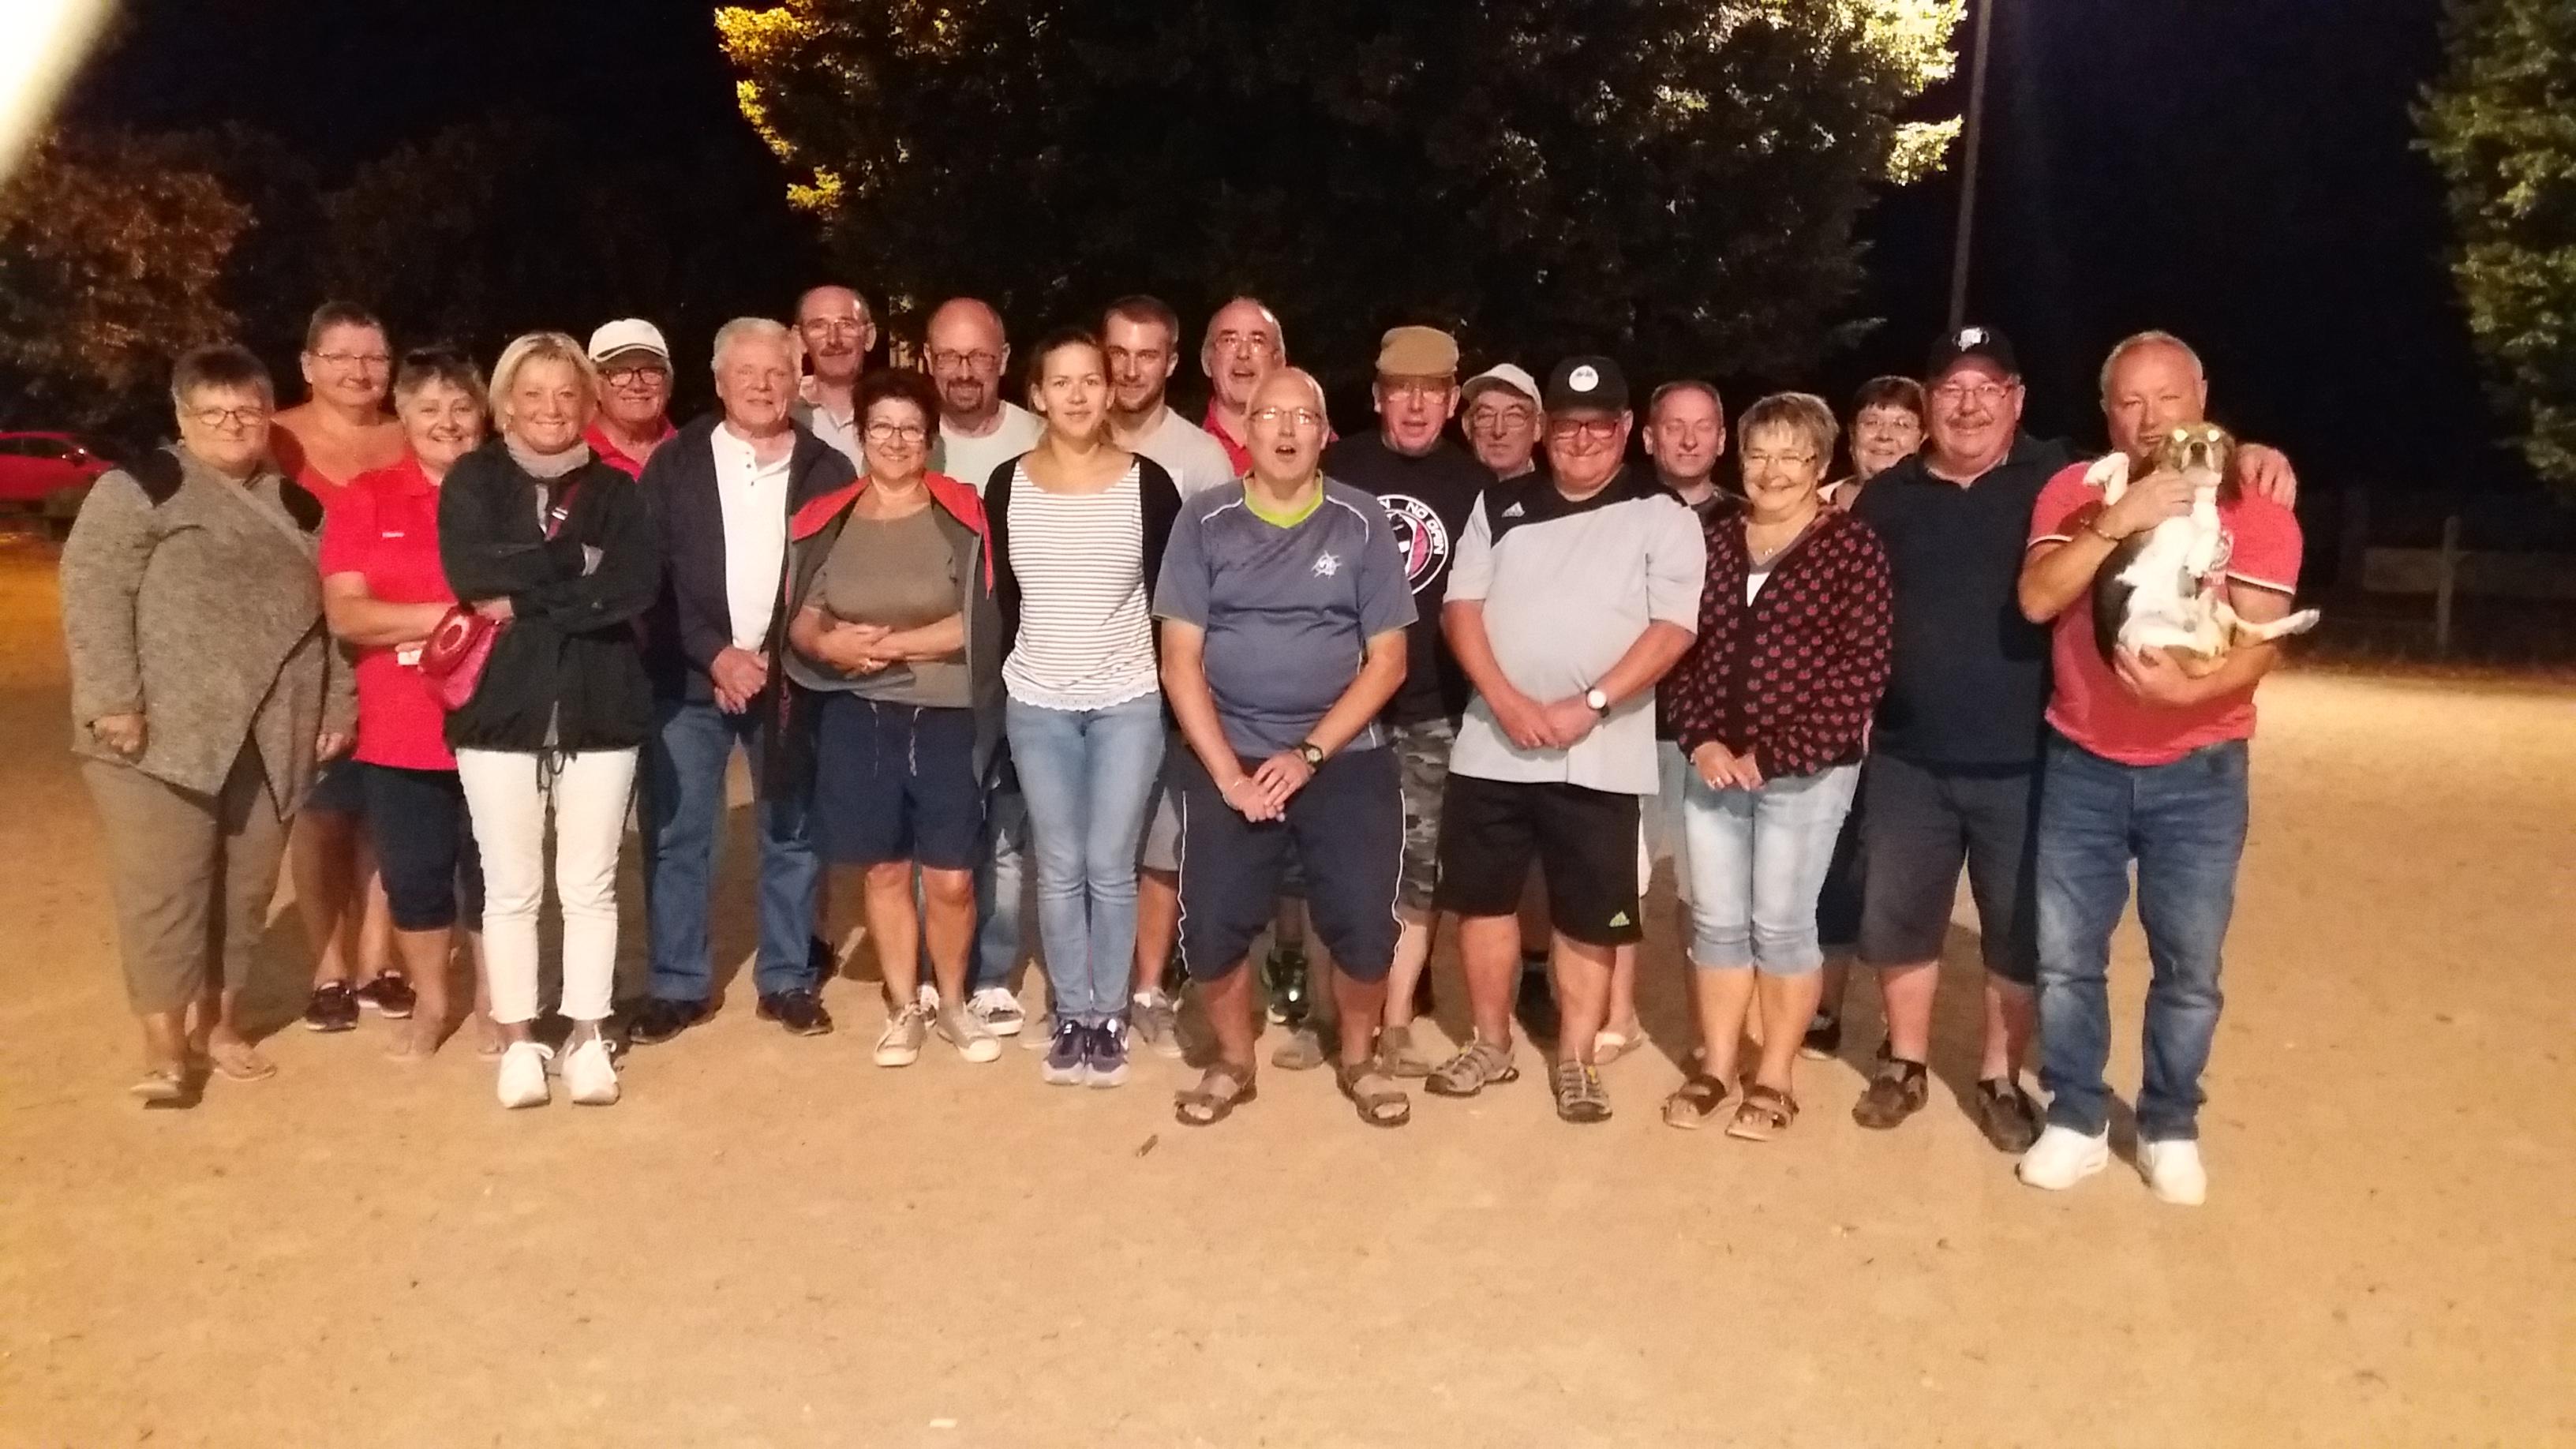 Les participants réunis en fin de soirée  pour la photo souvenir !